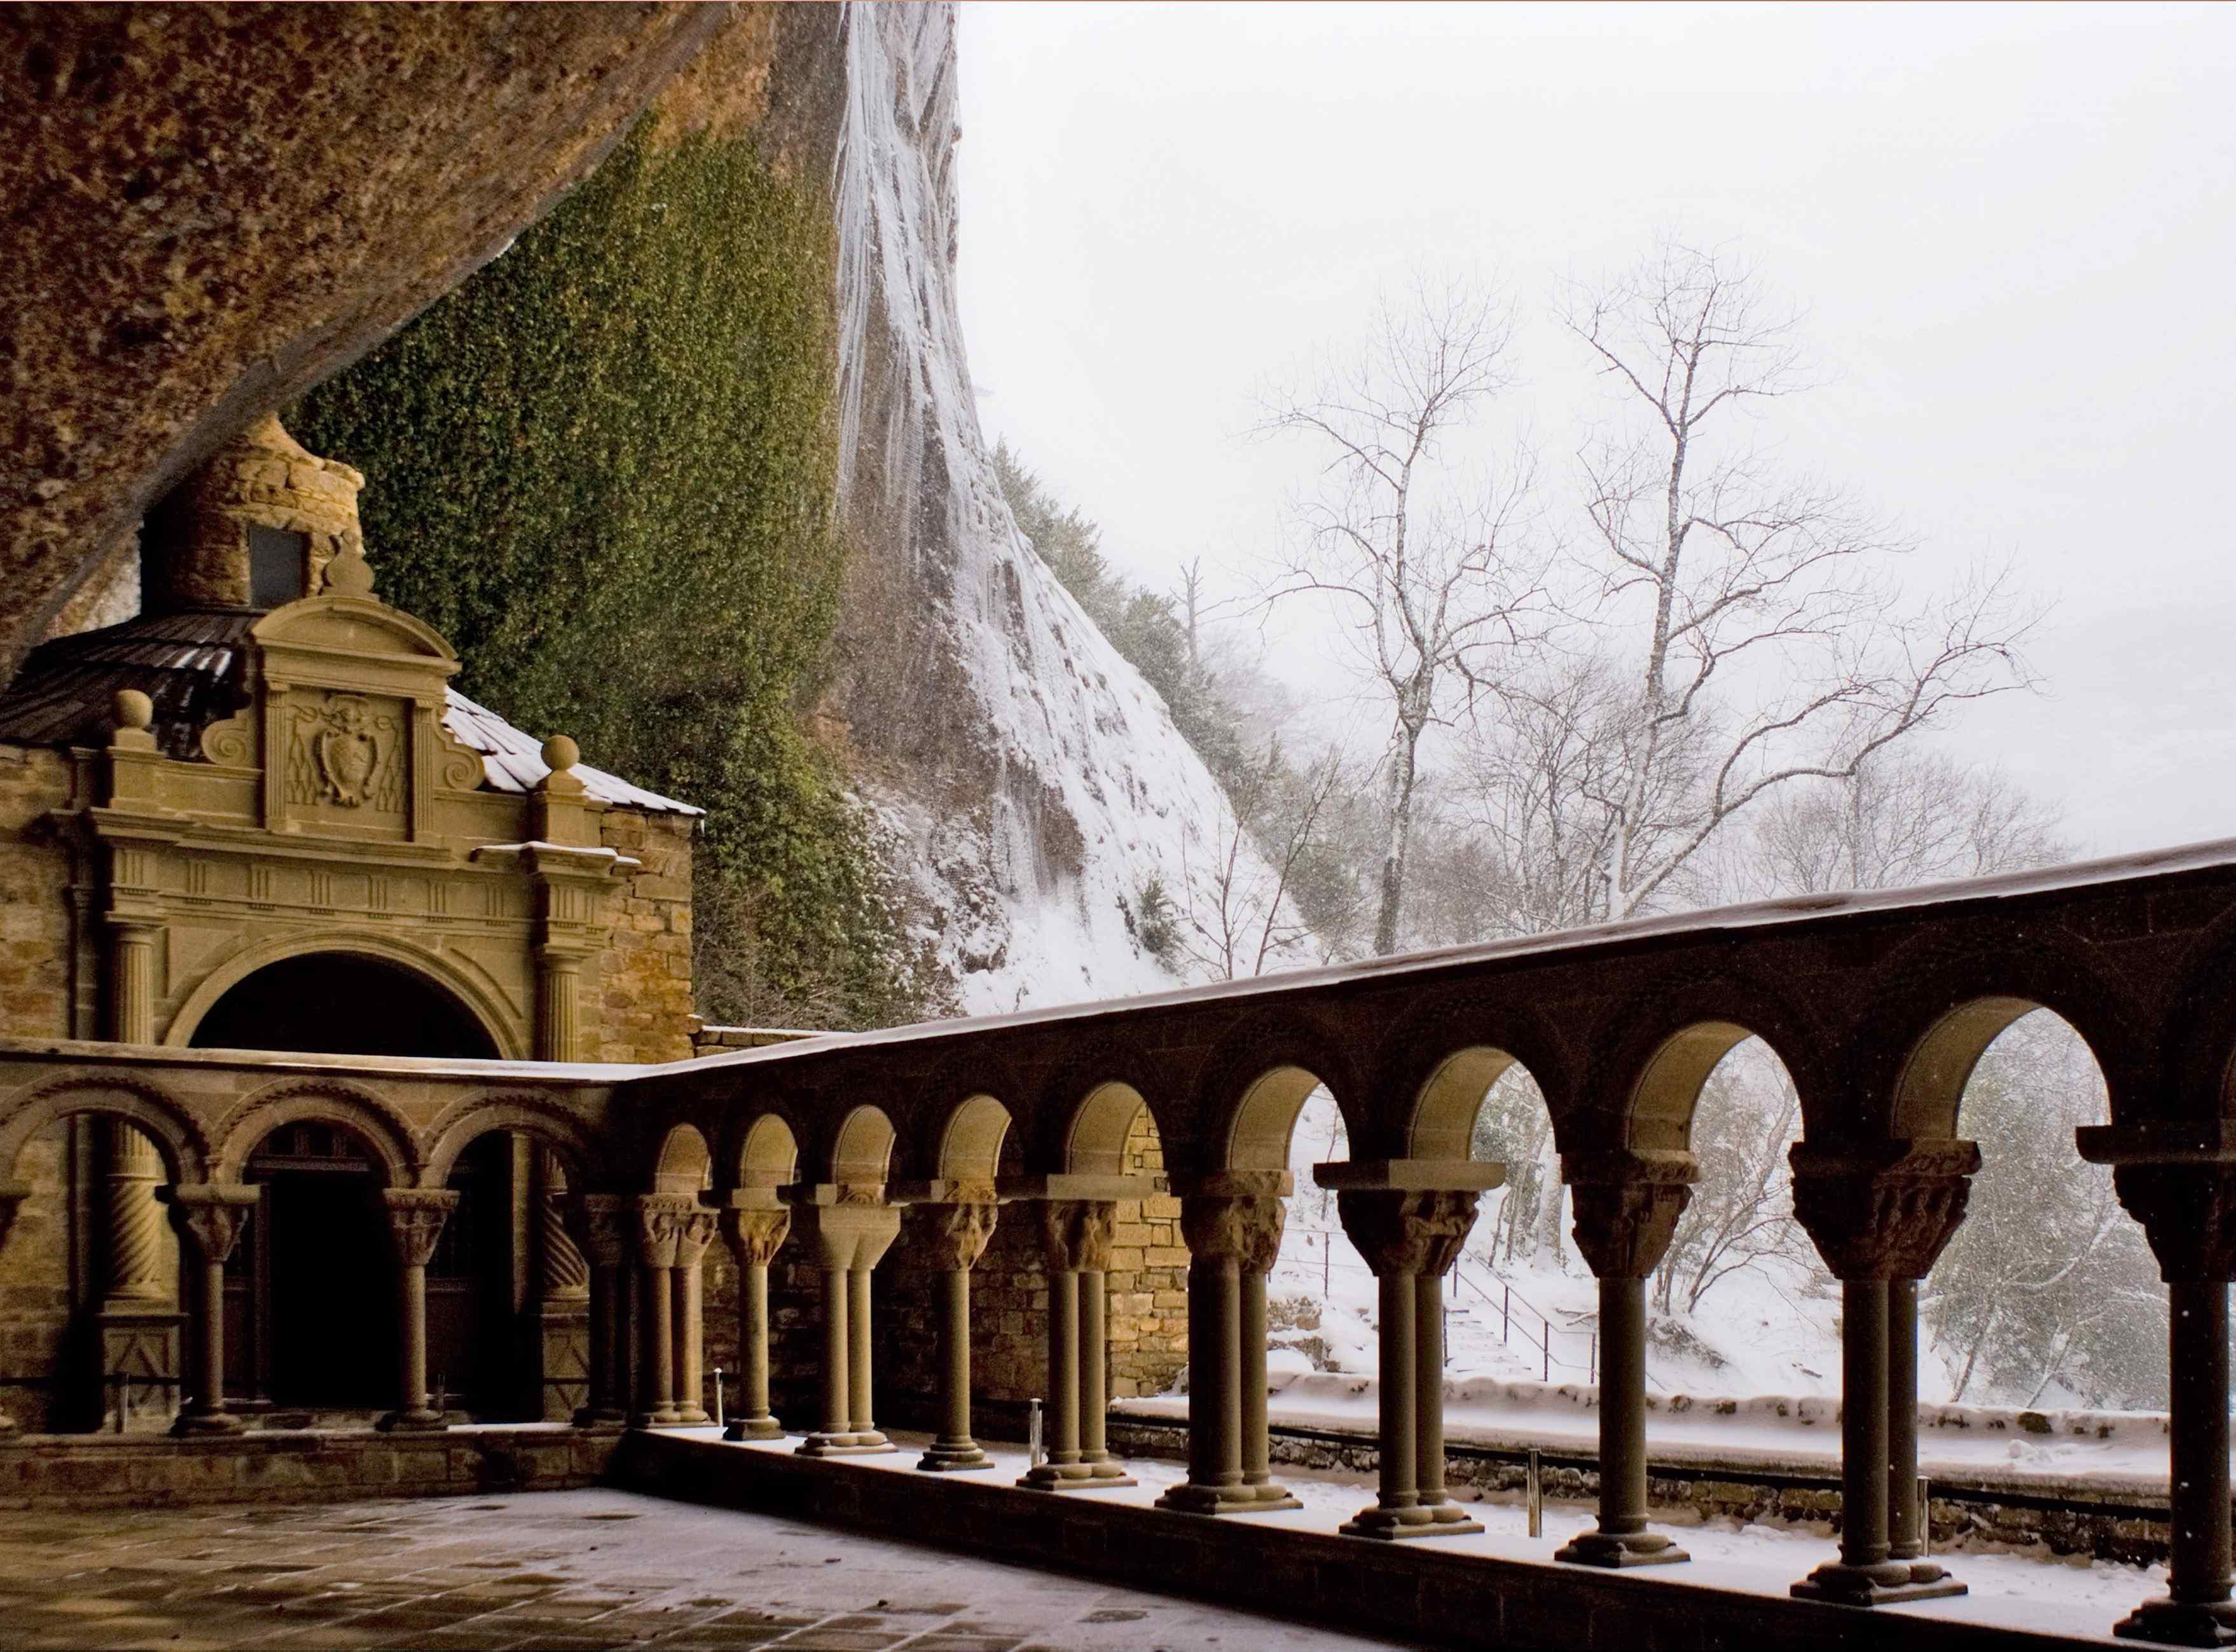 🏅 Las 10 mejores cosas que hacer y ver en la Provincia de Huesca según TripAdvisor